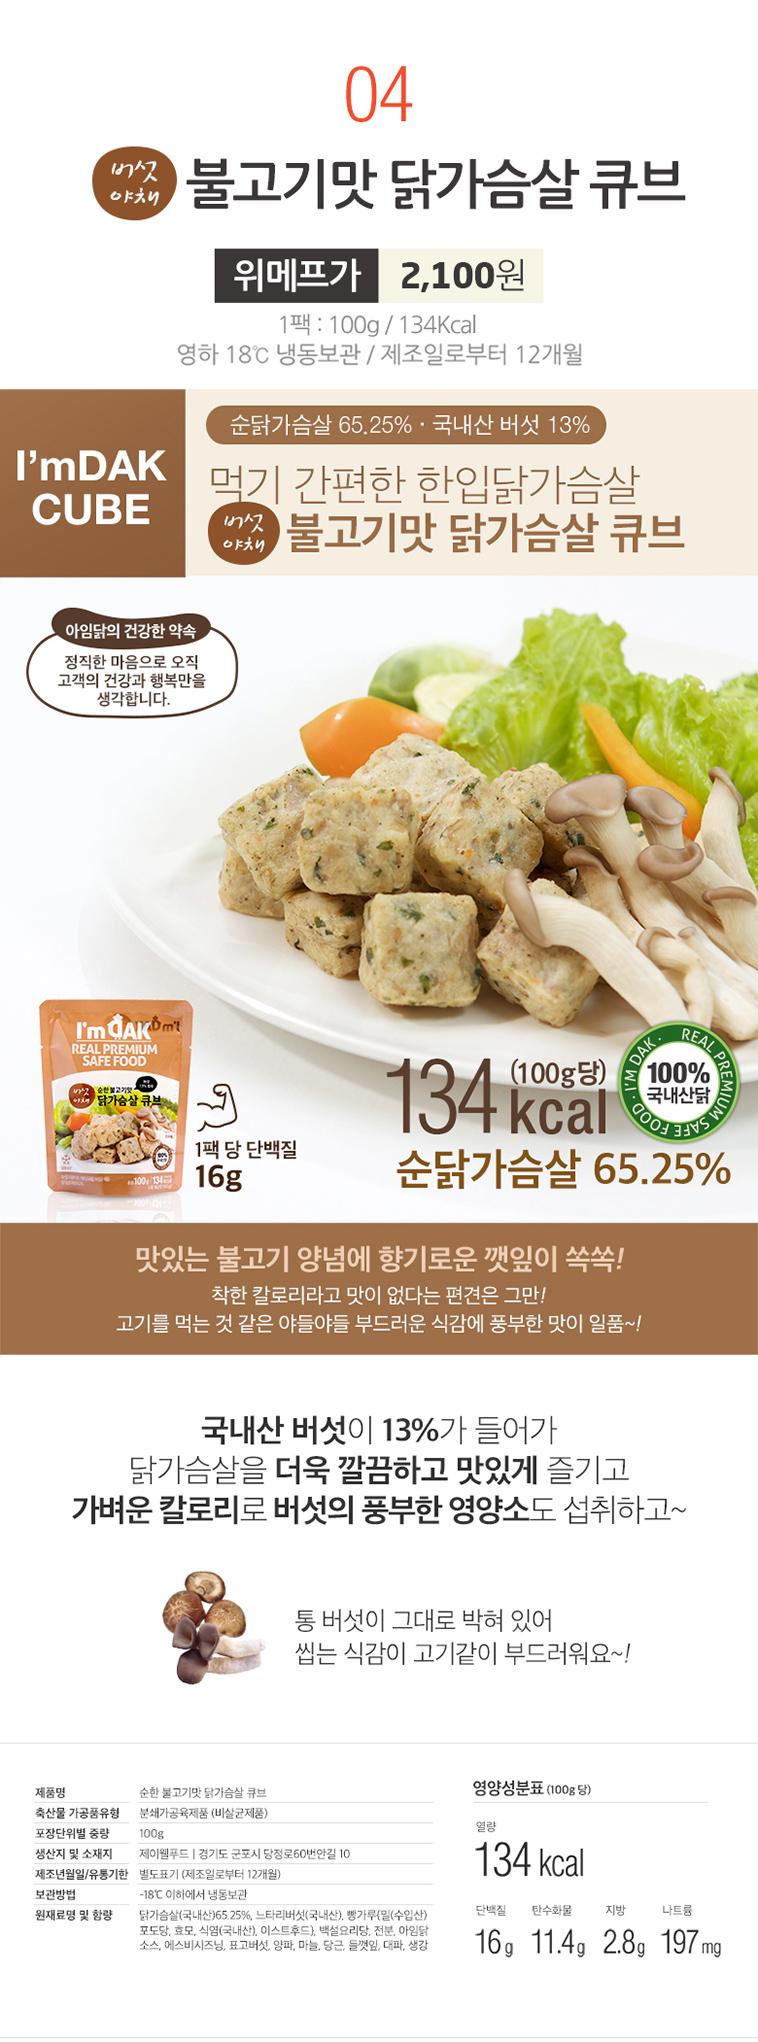 아임닭 닭가슴살 BEST 16종 모음전! - 상세정보